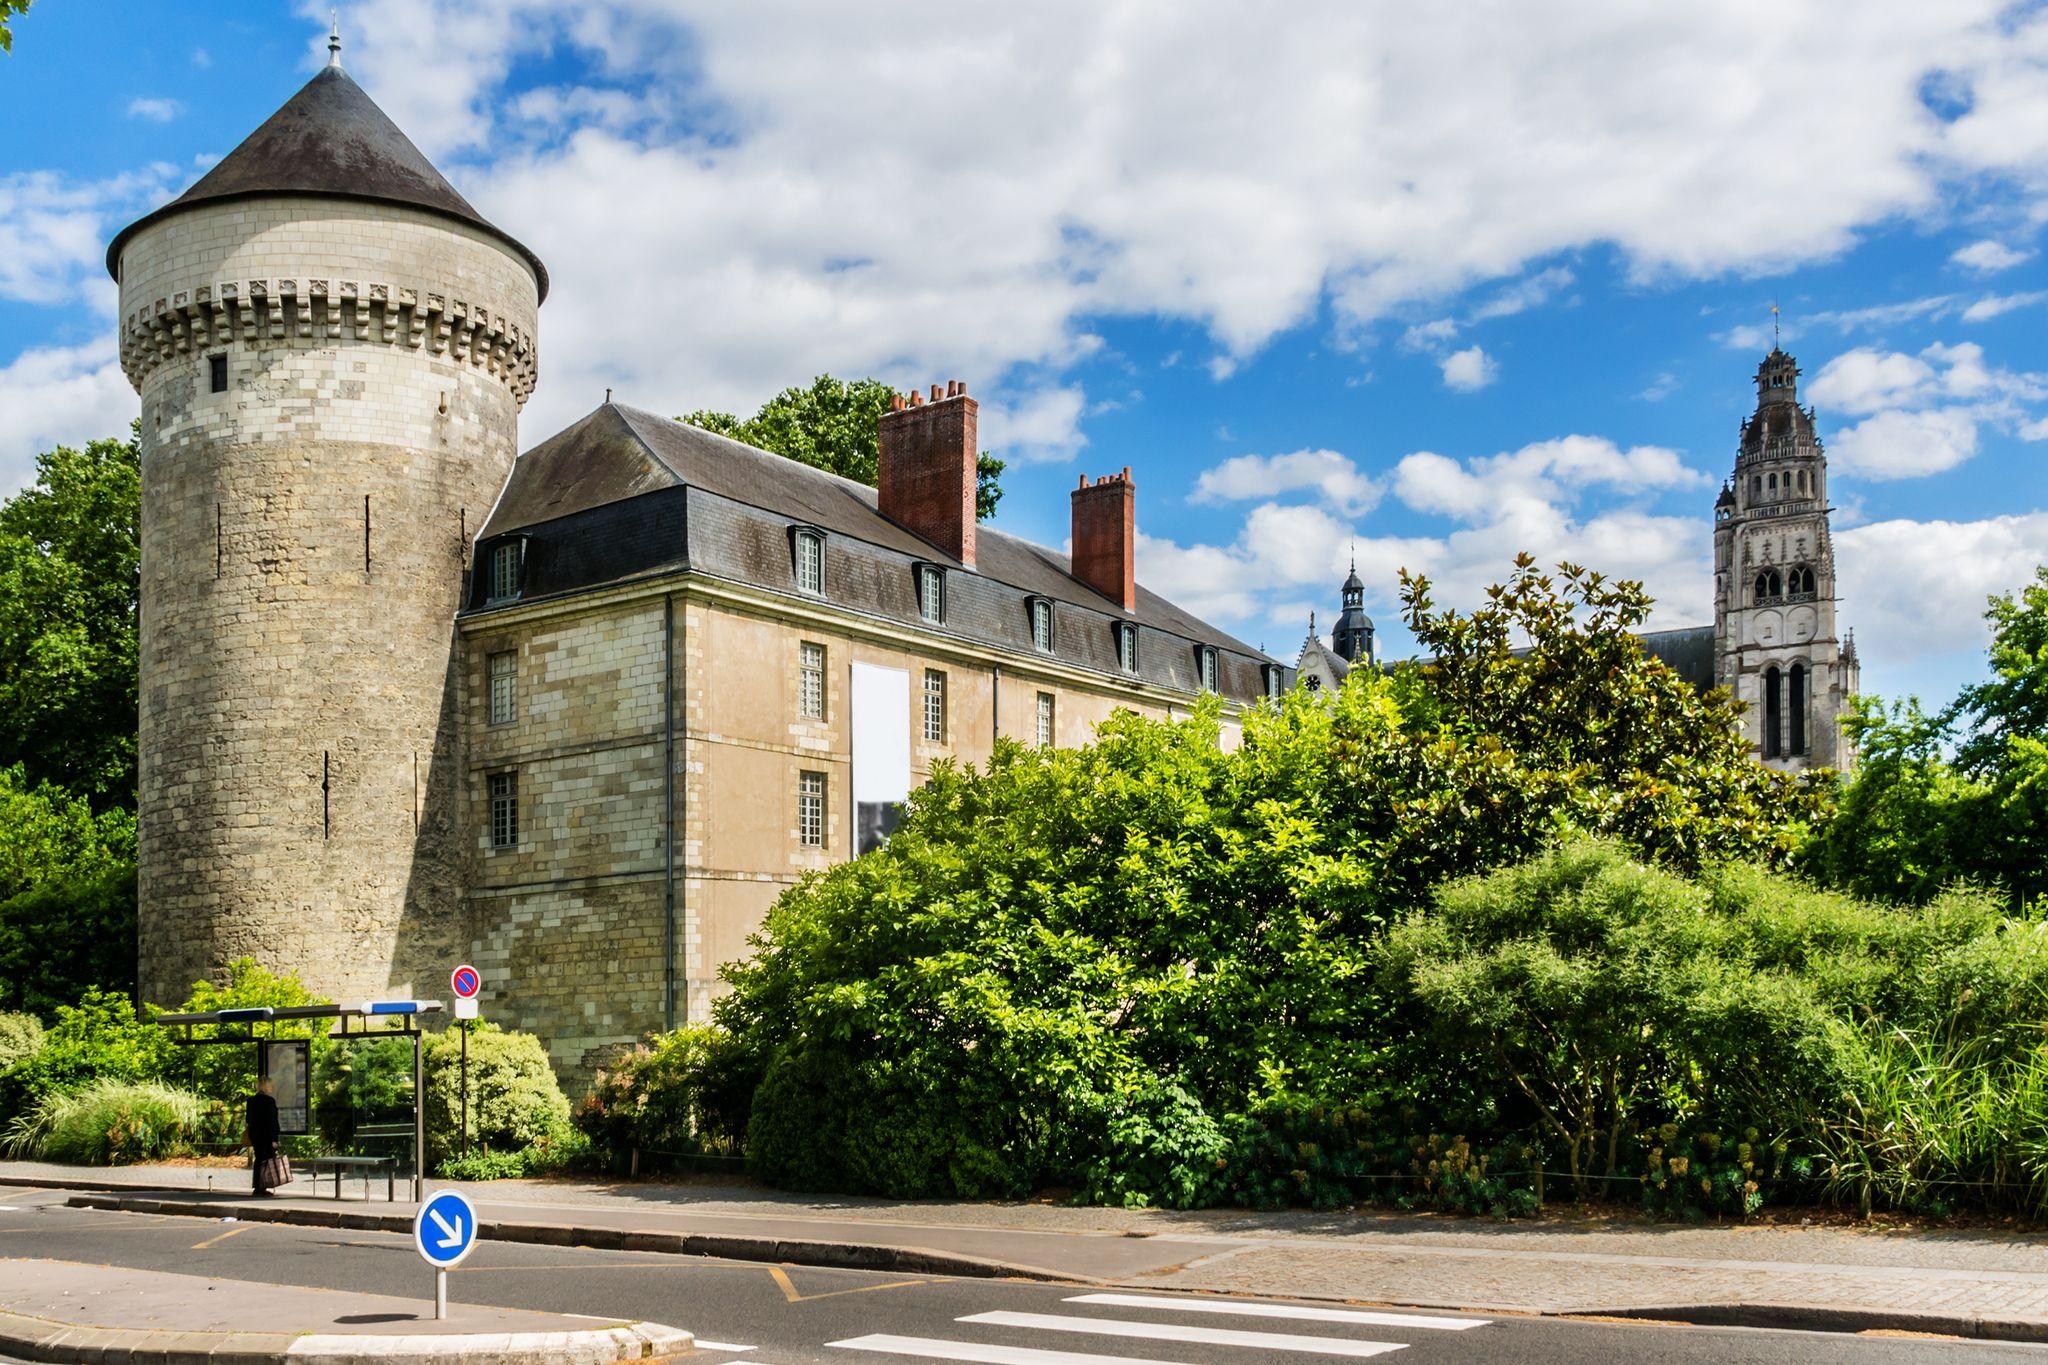 Κάστρο του Τουρ, Τουρ, Αντρ-ε-Λουάρ, Γαλλία